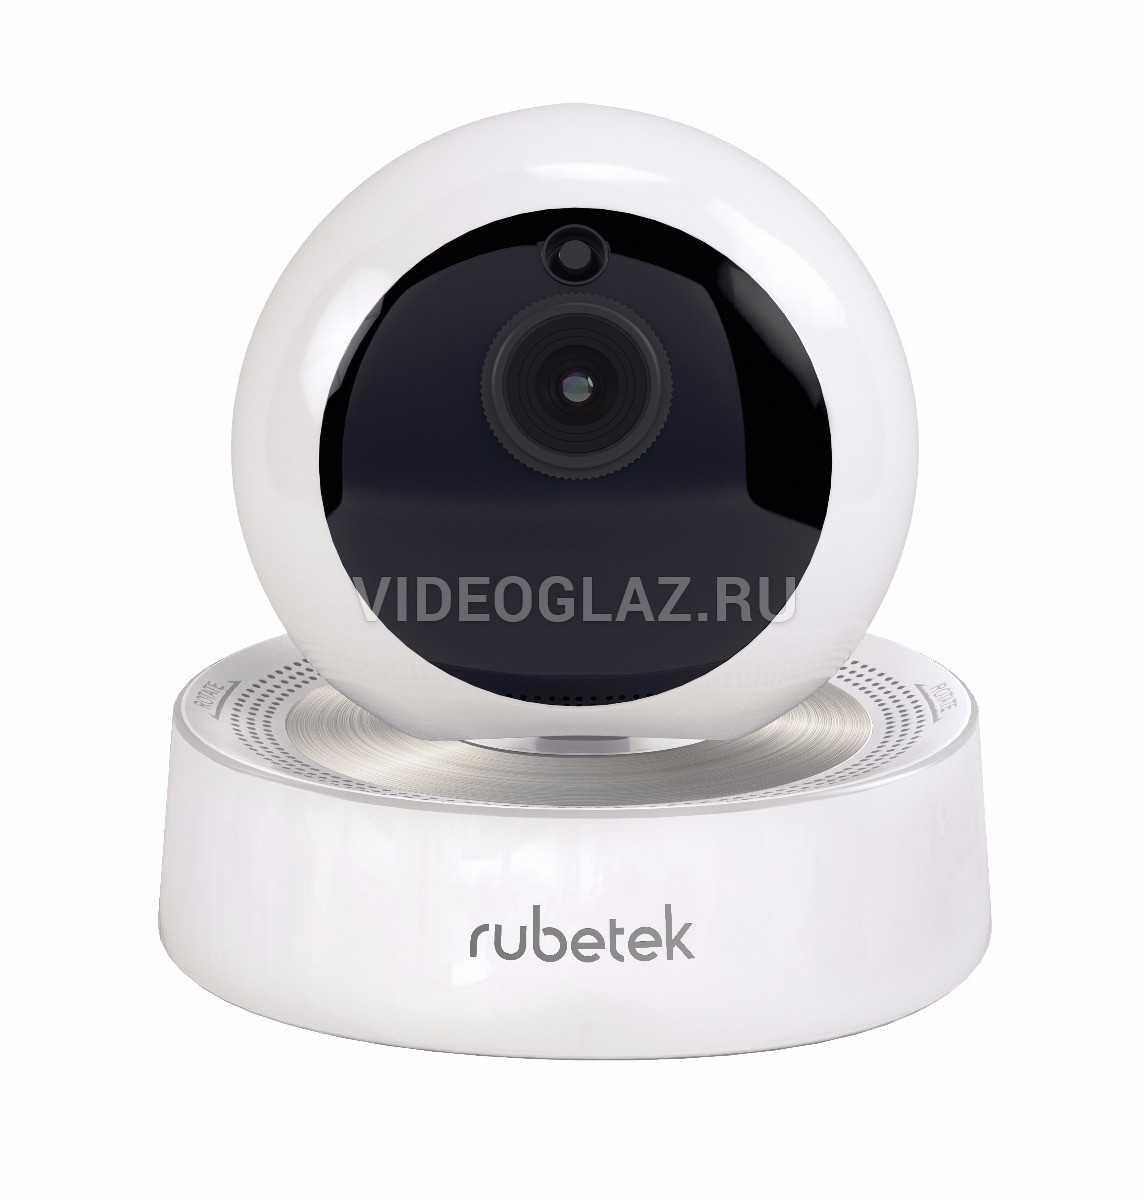 Видеокамера Rubetek RV-3407